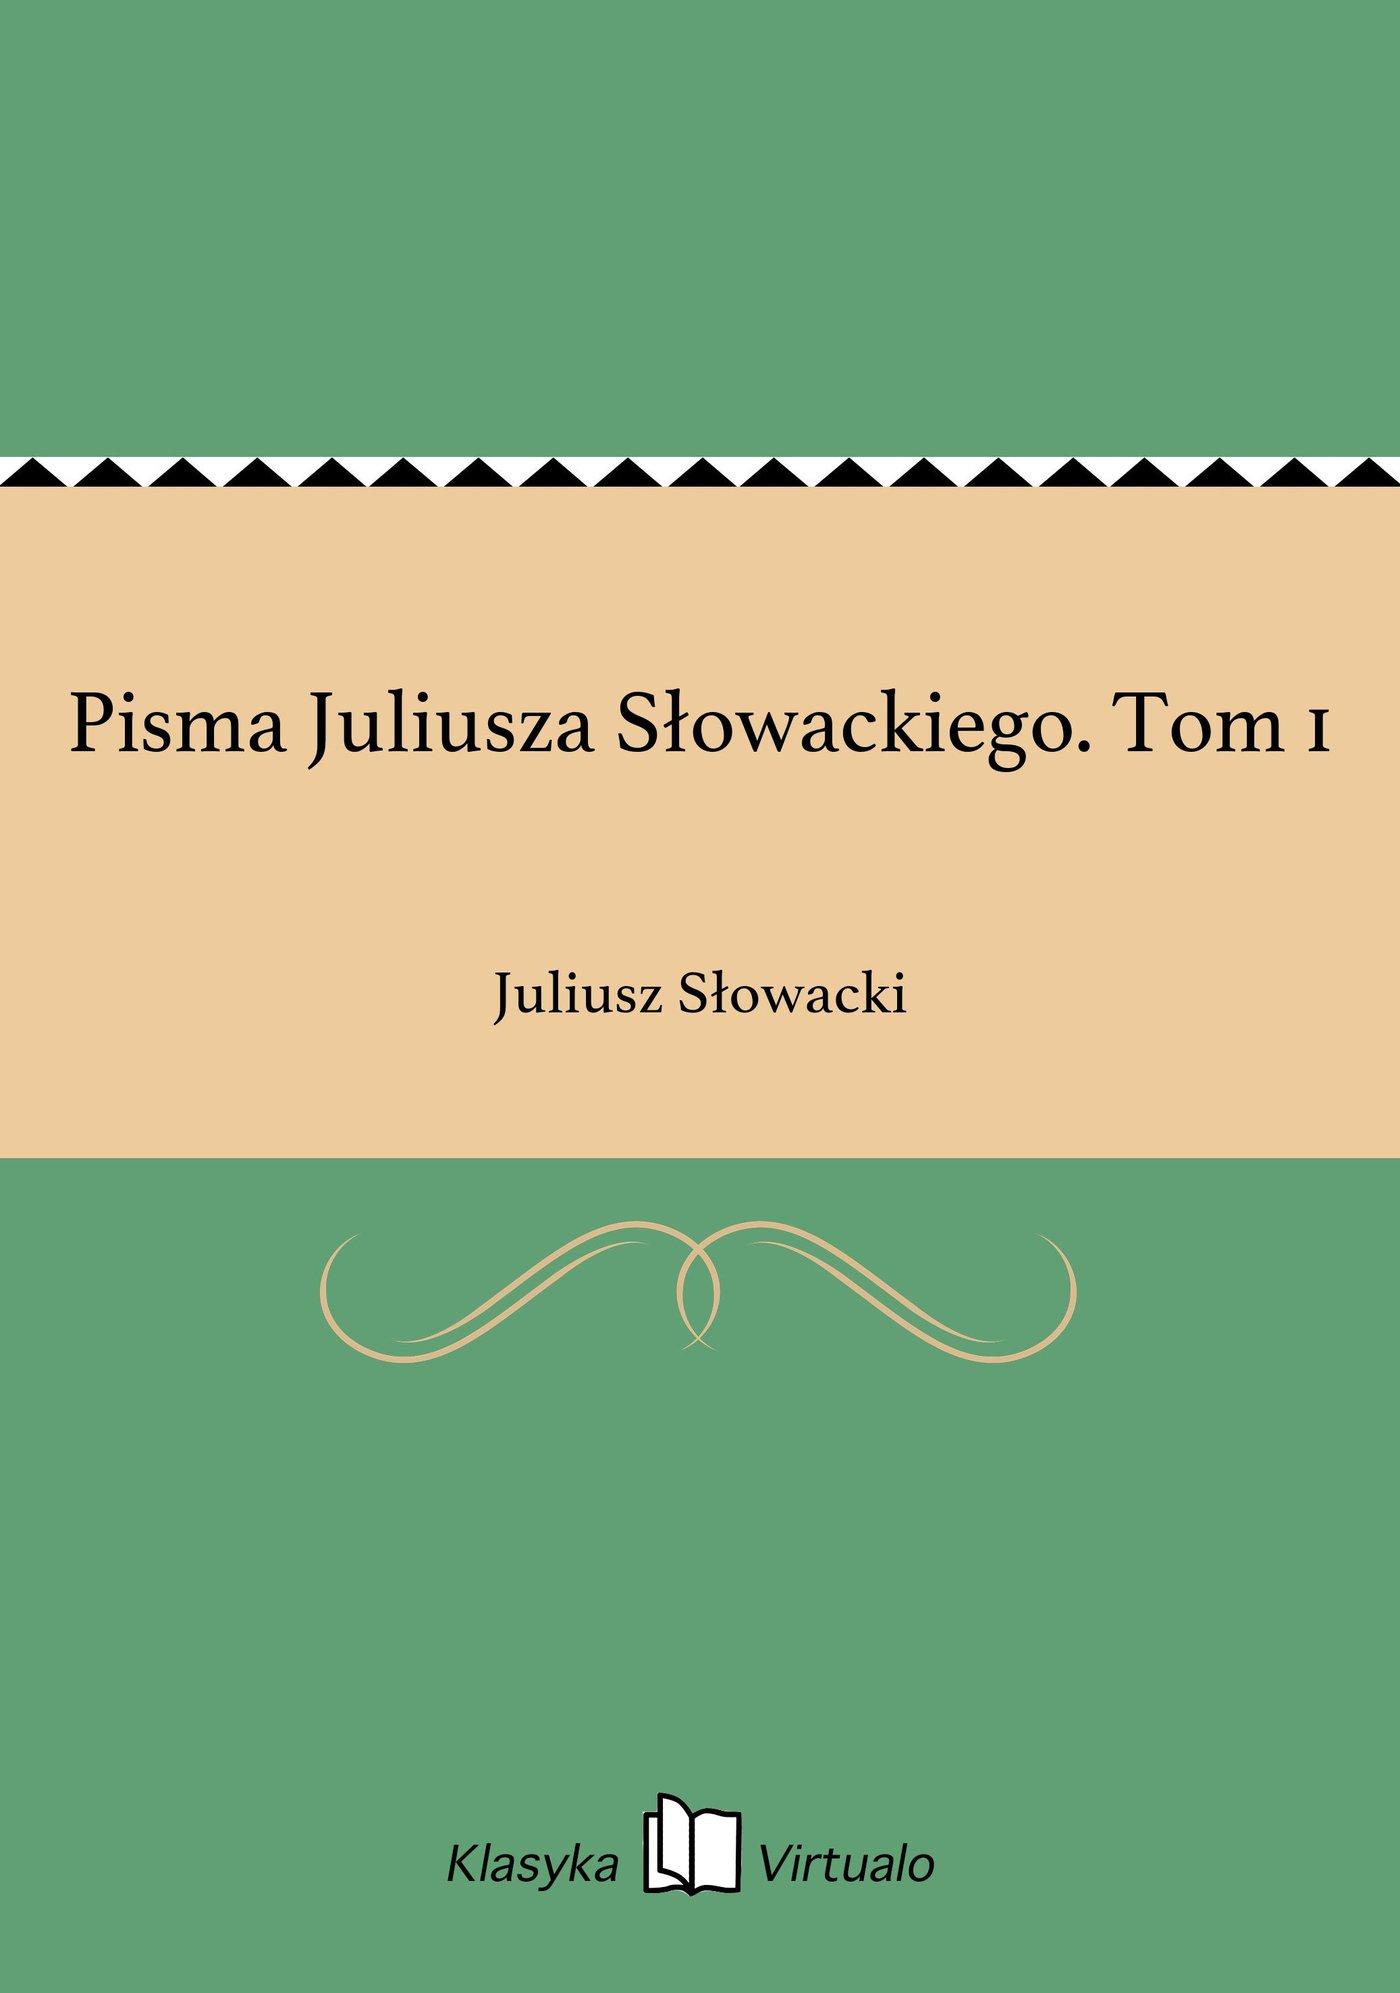 Pisma Juliusza Słowackiego. Tom 1 - Ebook (Książka EPUB) do pobrania w formacie EPUB